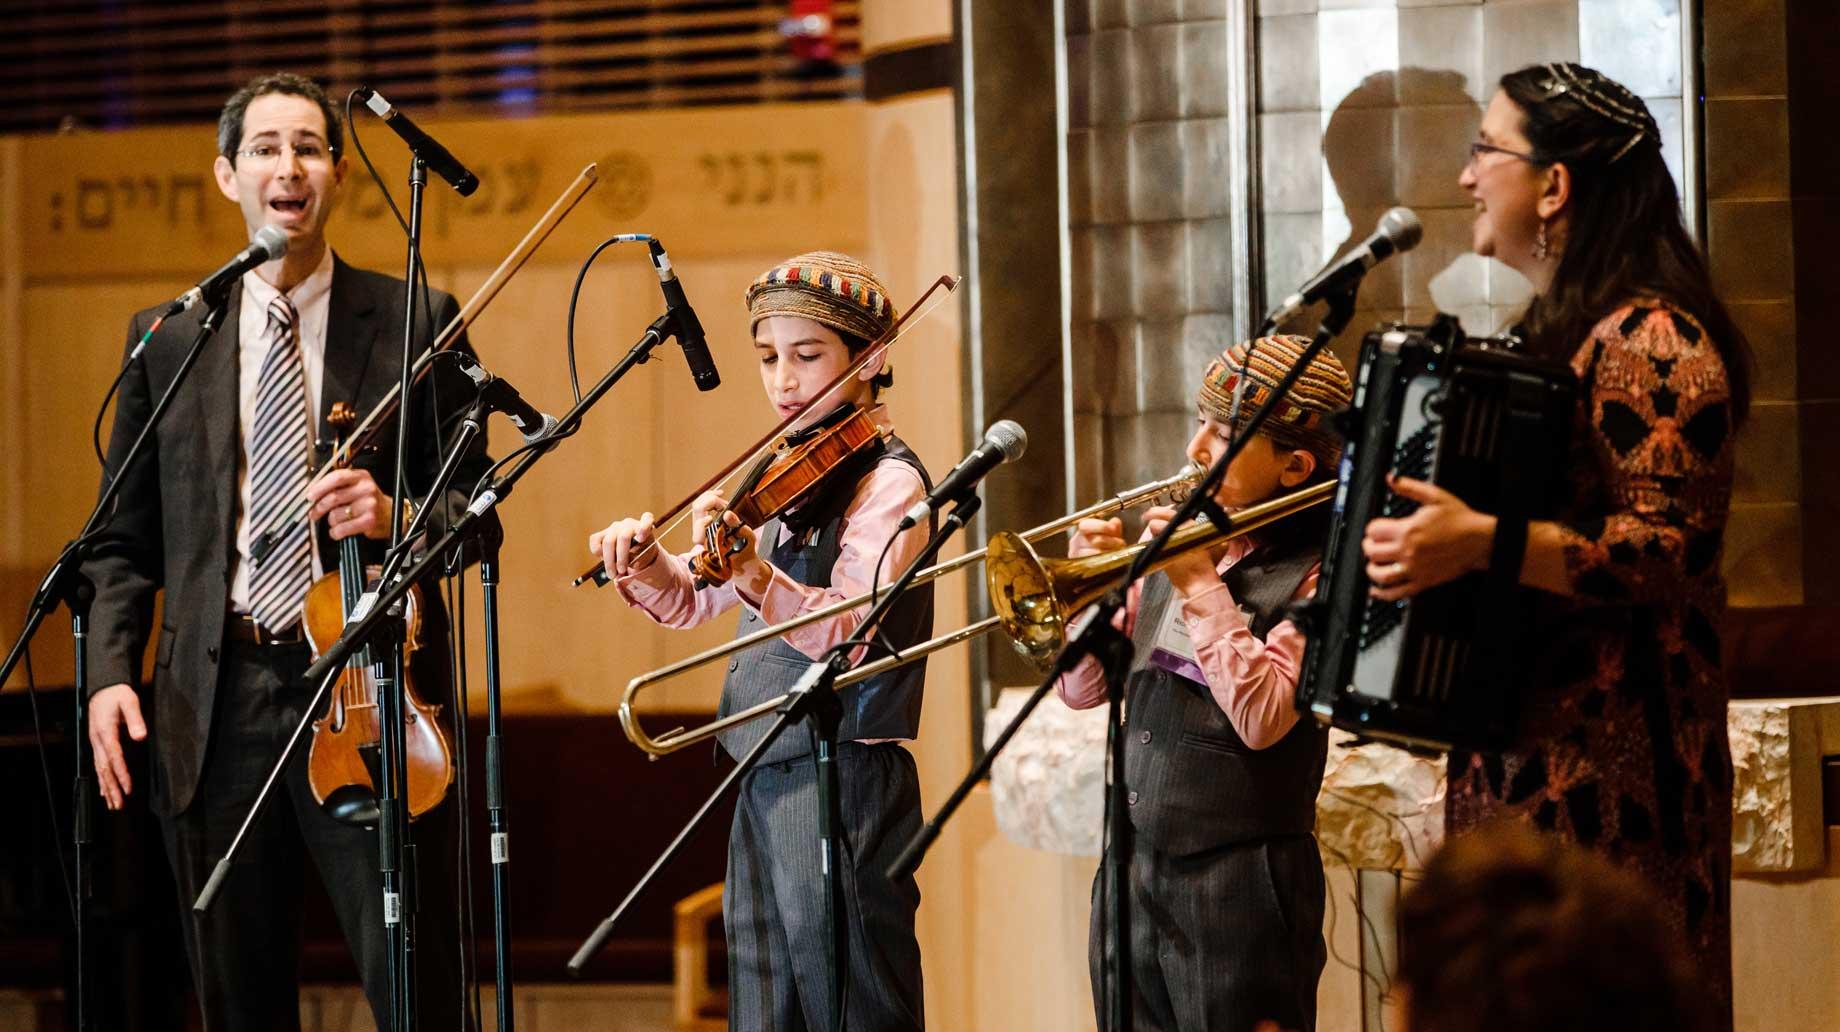 Richmond-Shazeer Band